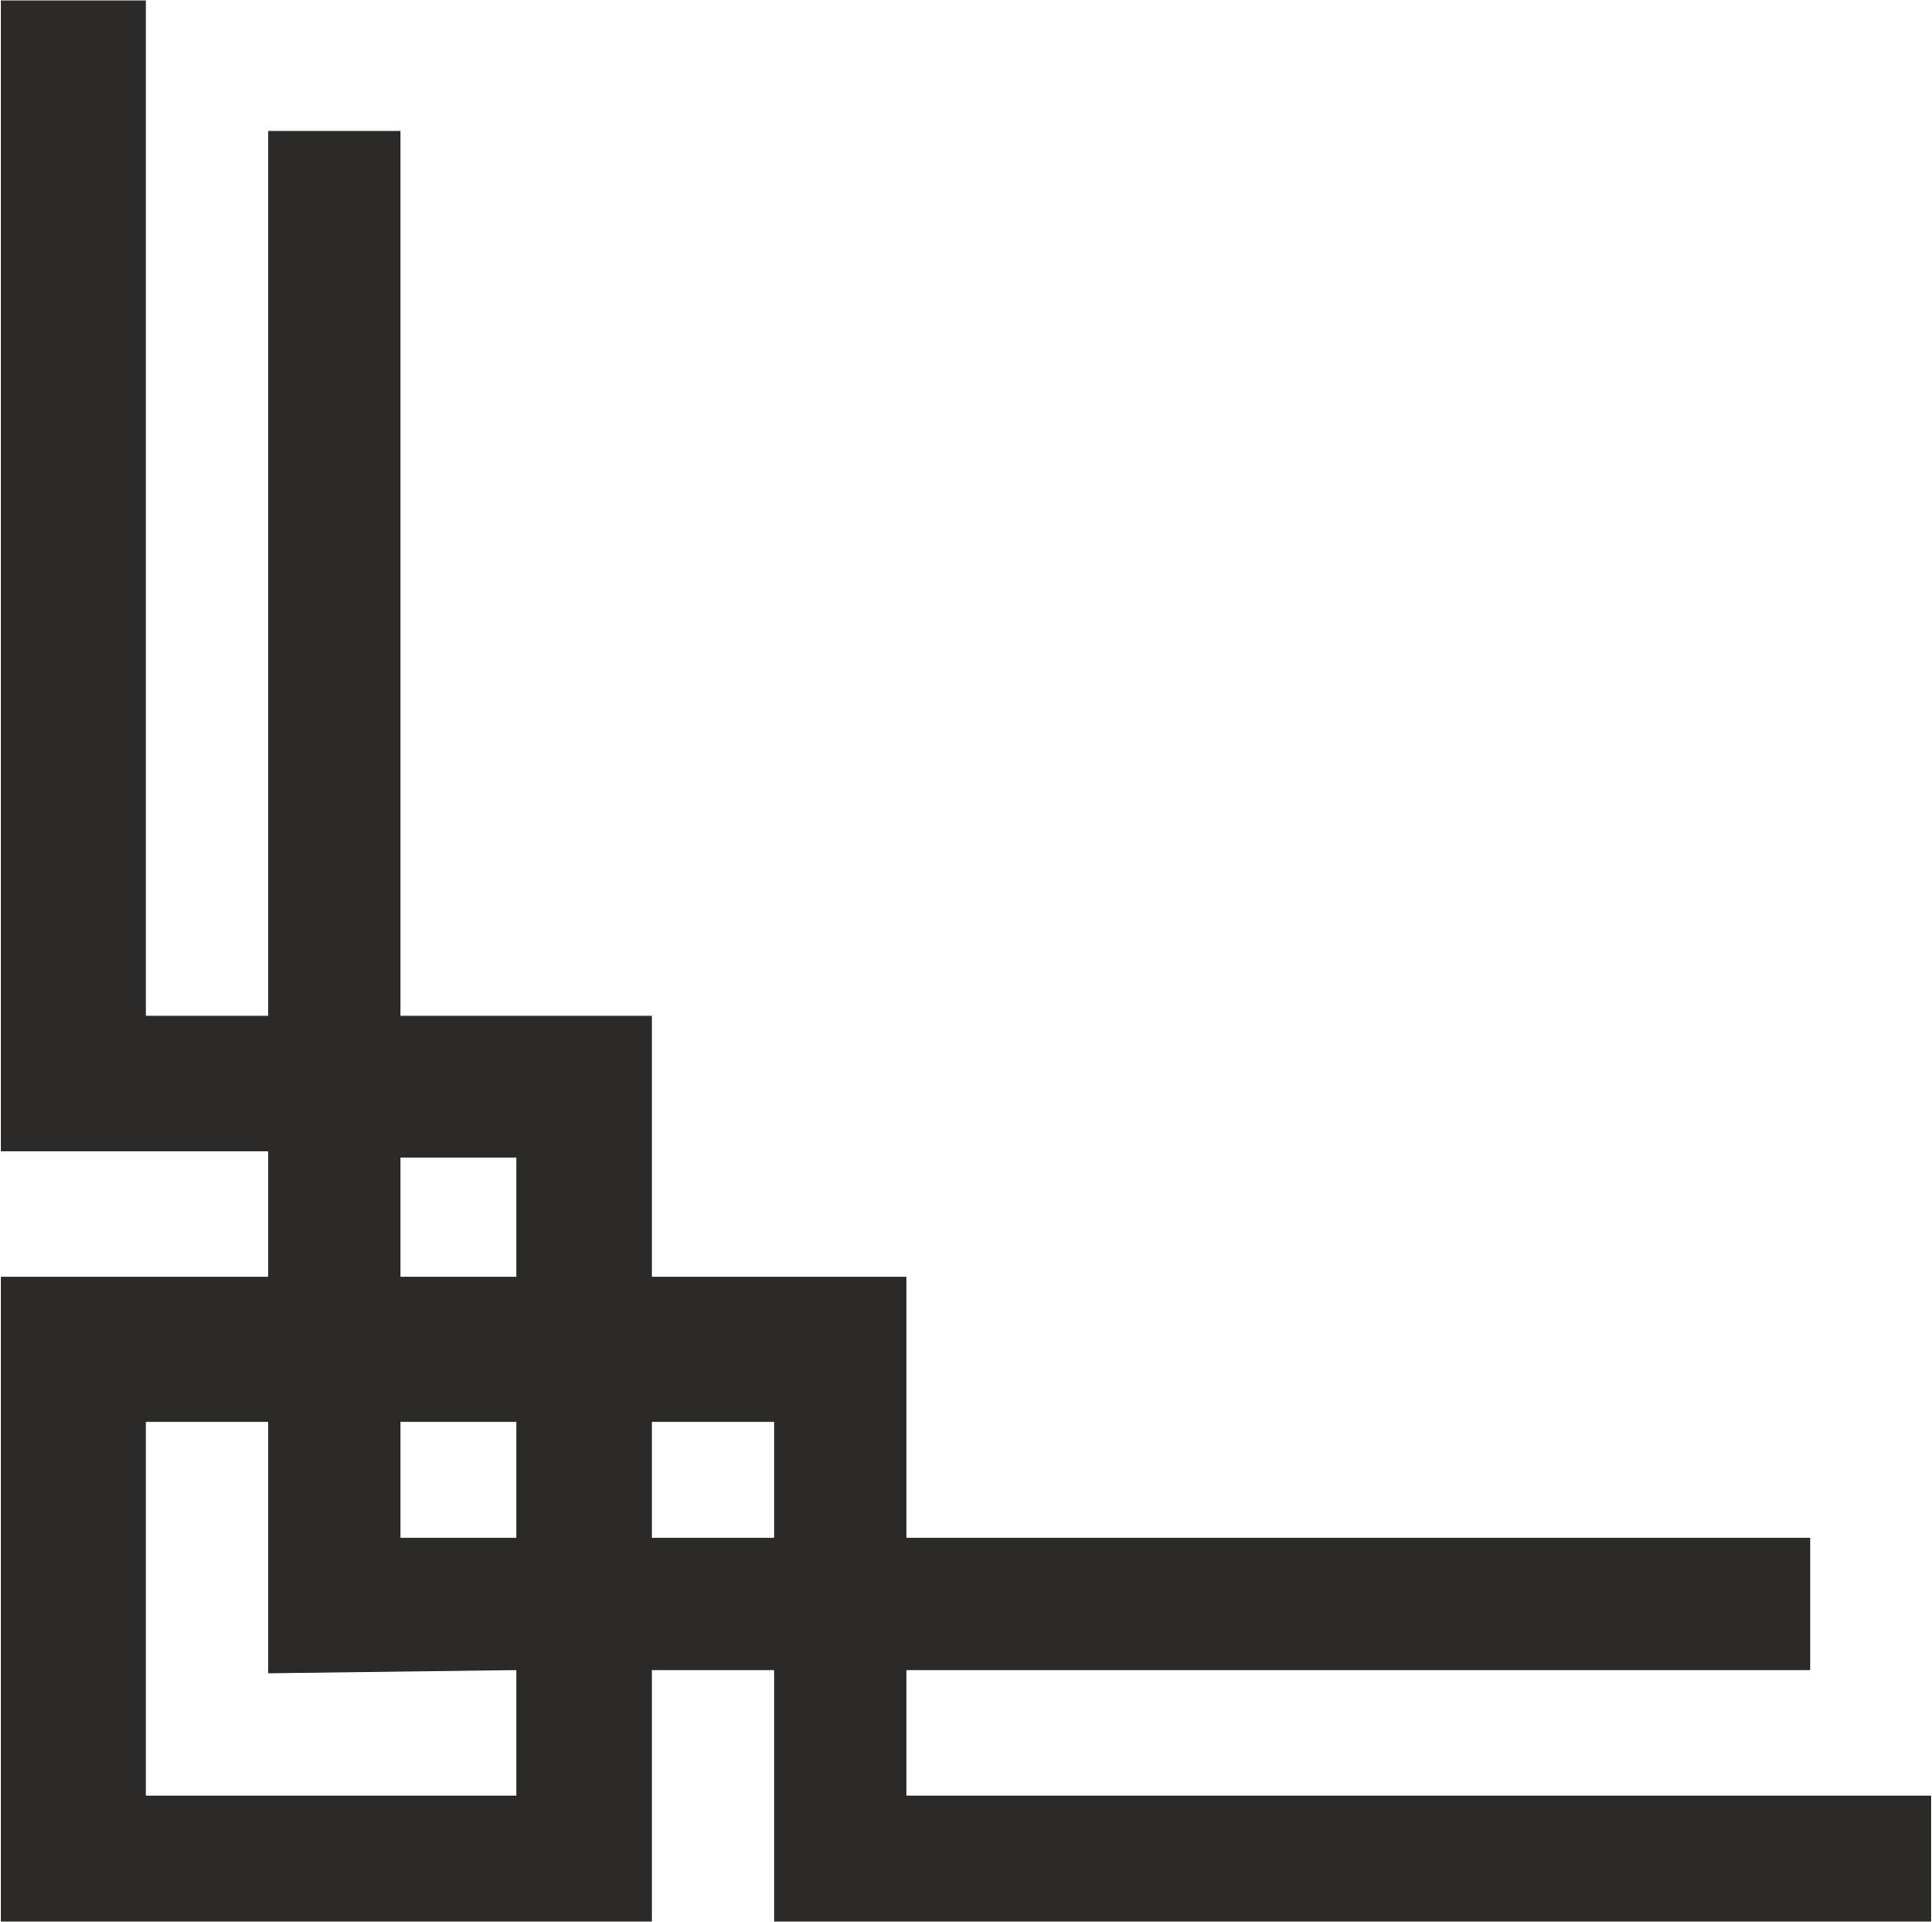 Islamic corner vector dxf File